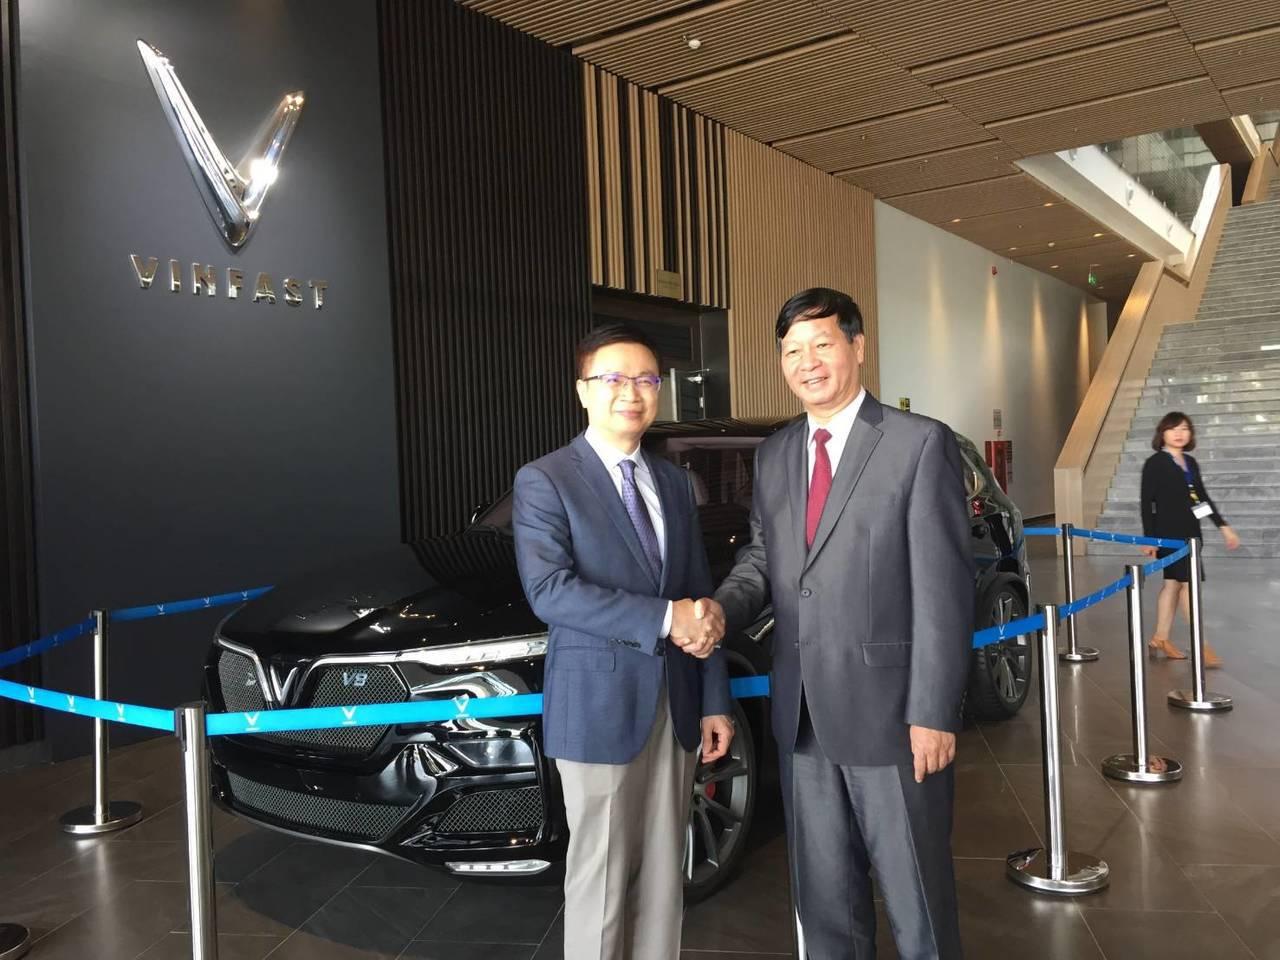 貿協董事長黃志芳與VinGroup,集團副總裁黎克協合影。圖/外貿協會提供